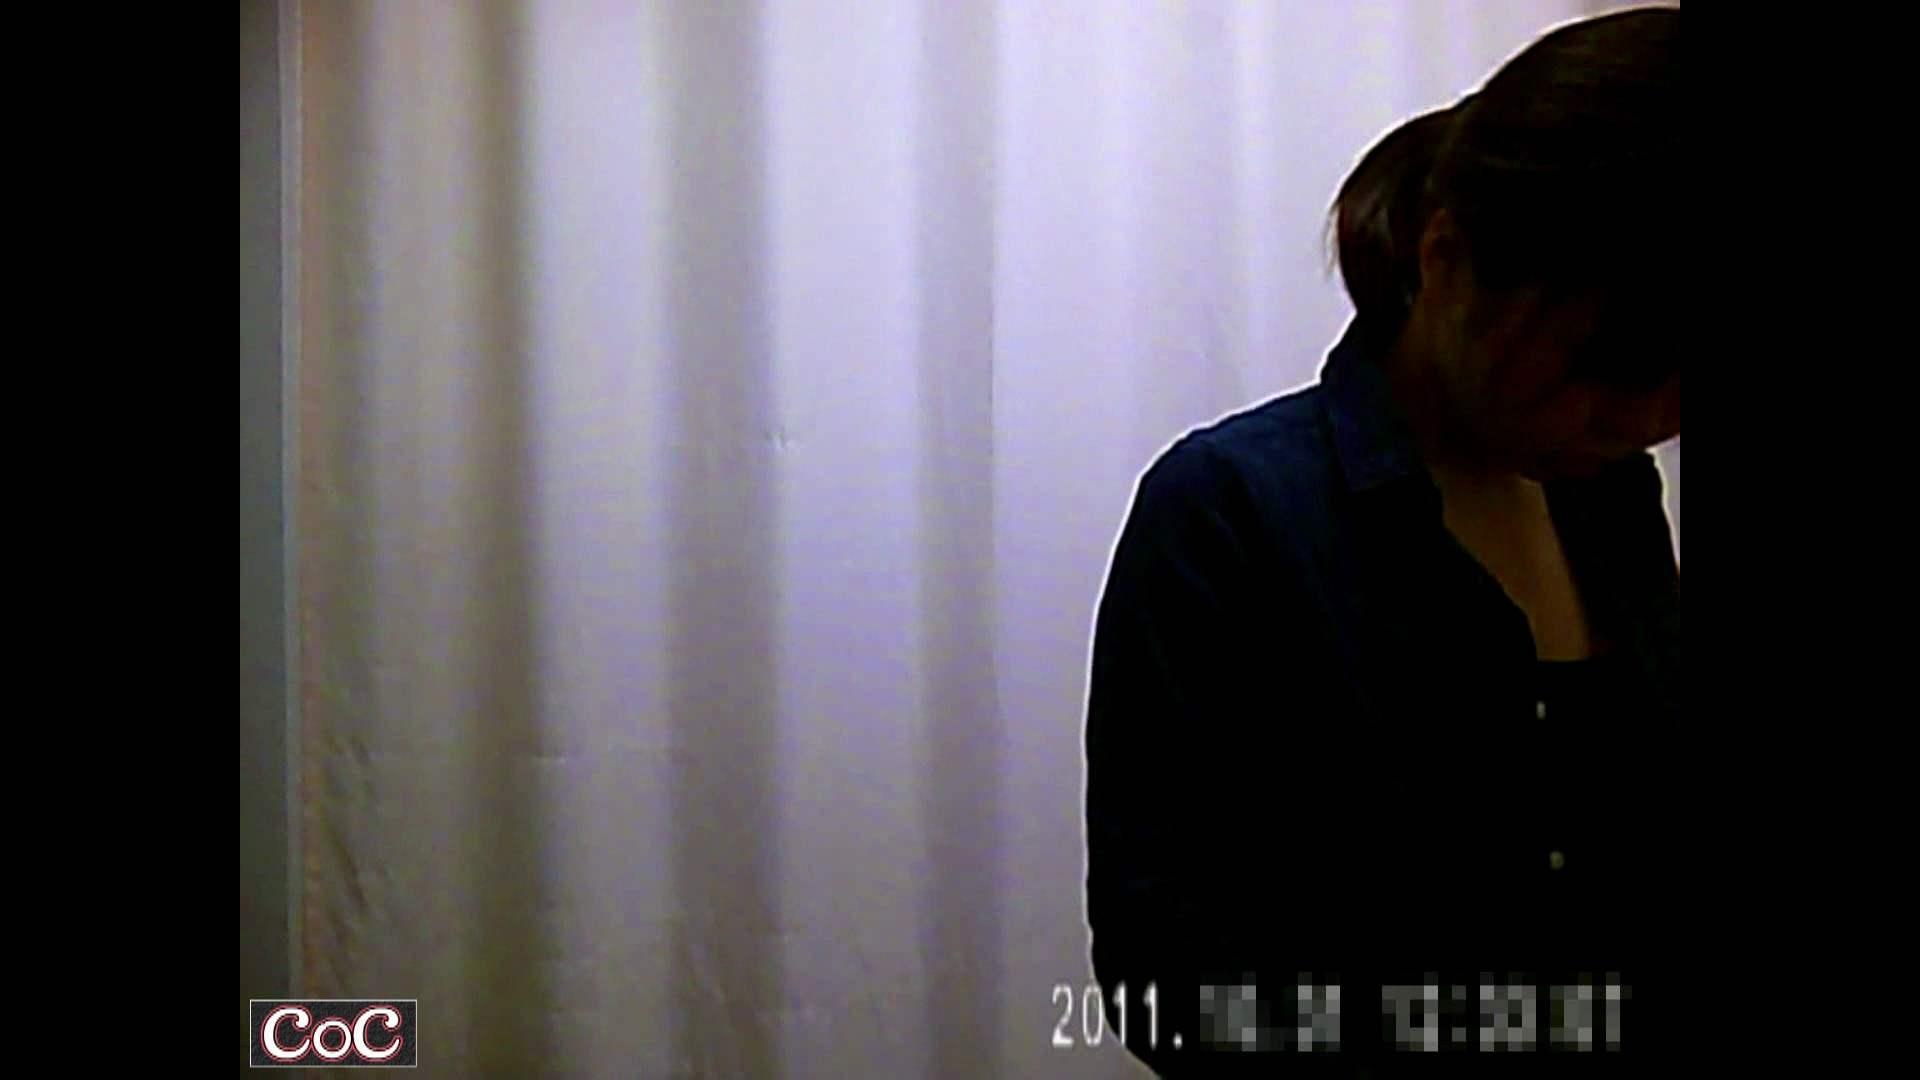 病院おもいっきり着替え! vol.77 おっぱい 隠し撮りオマンコ動画紹介 81PIX 73